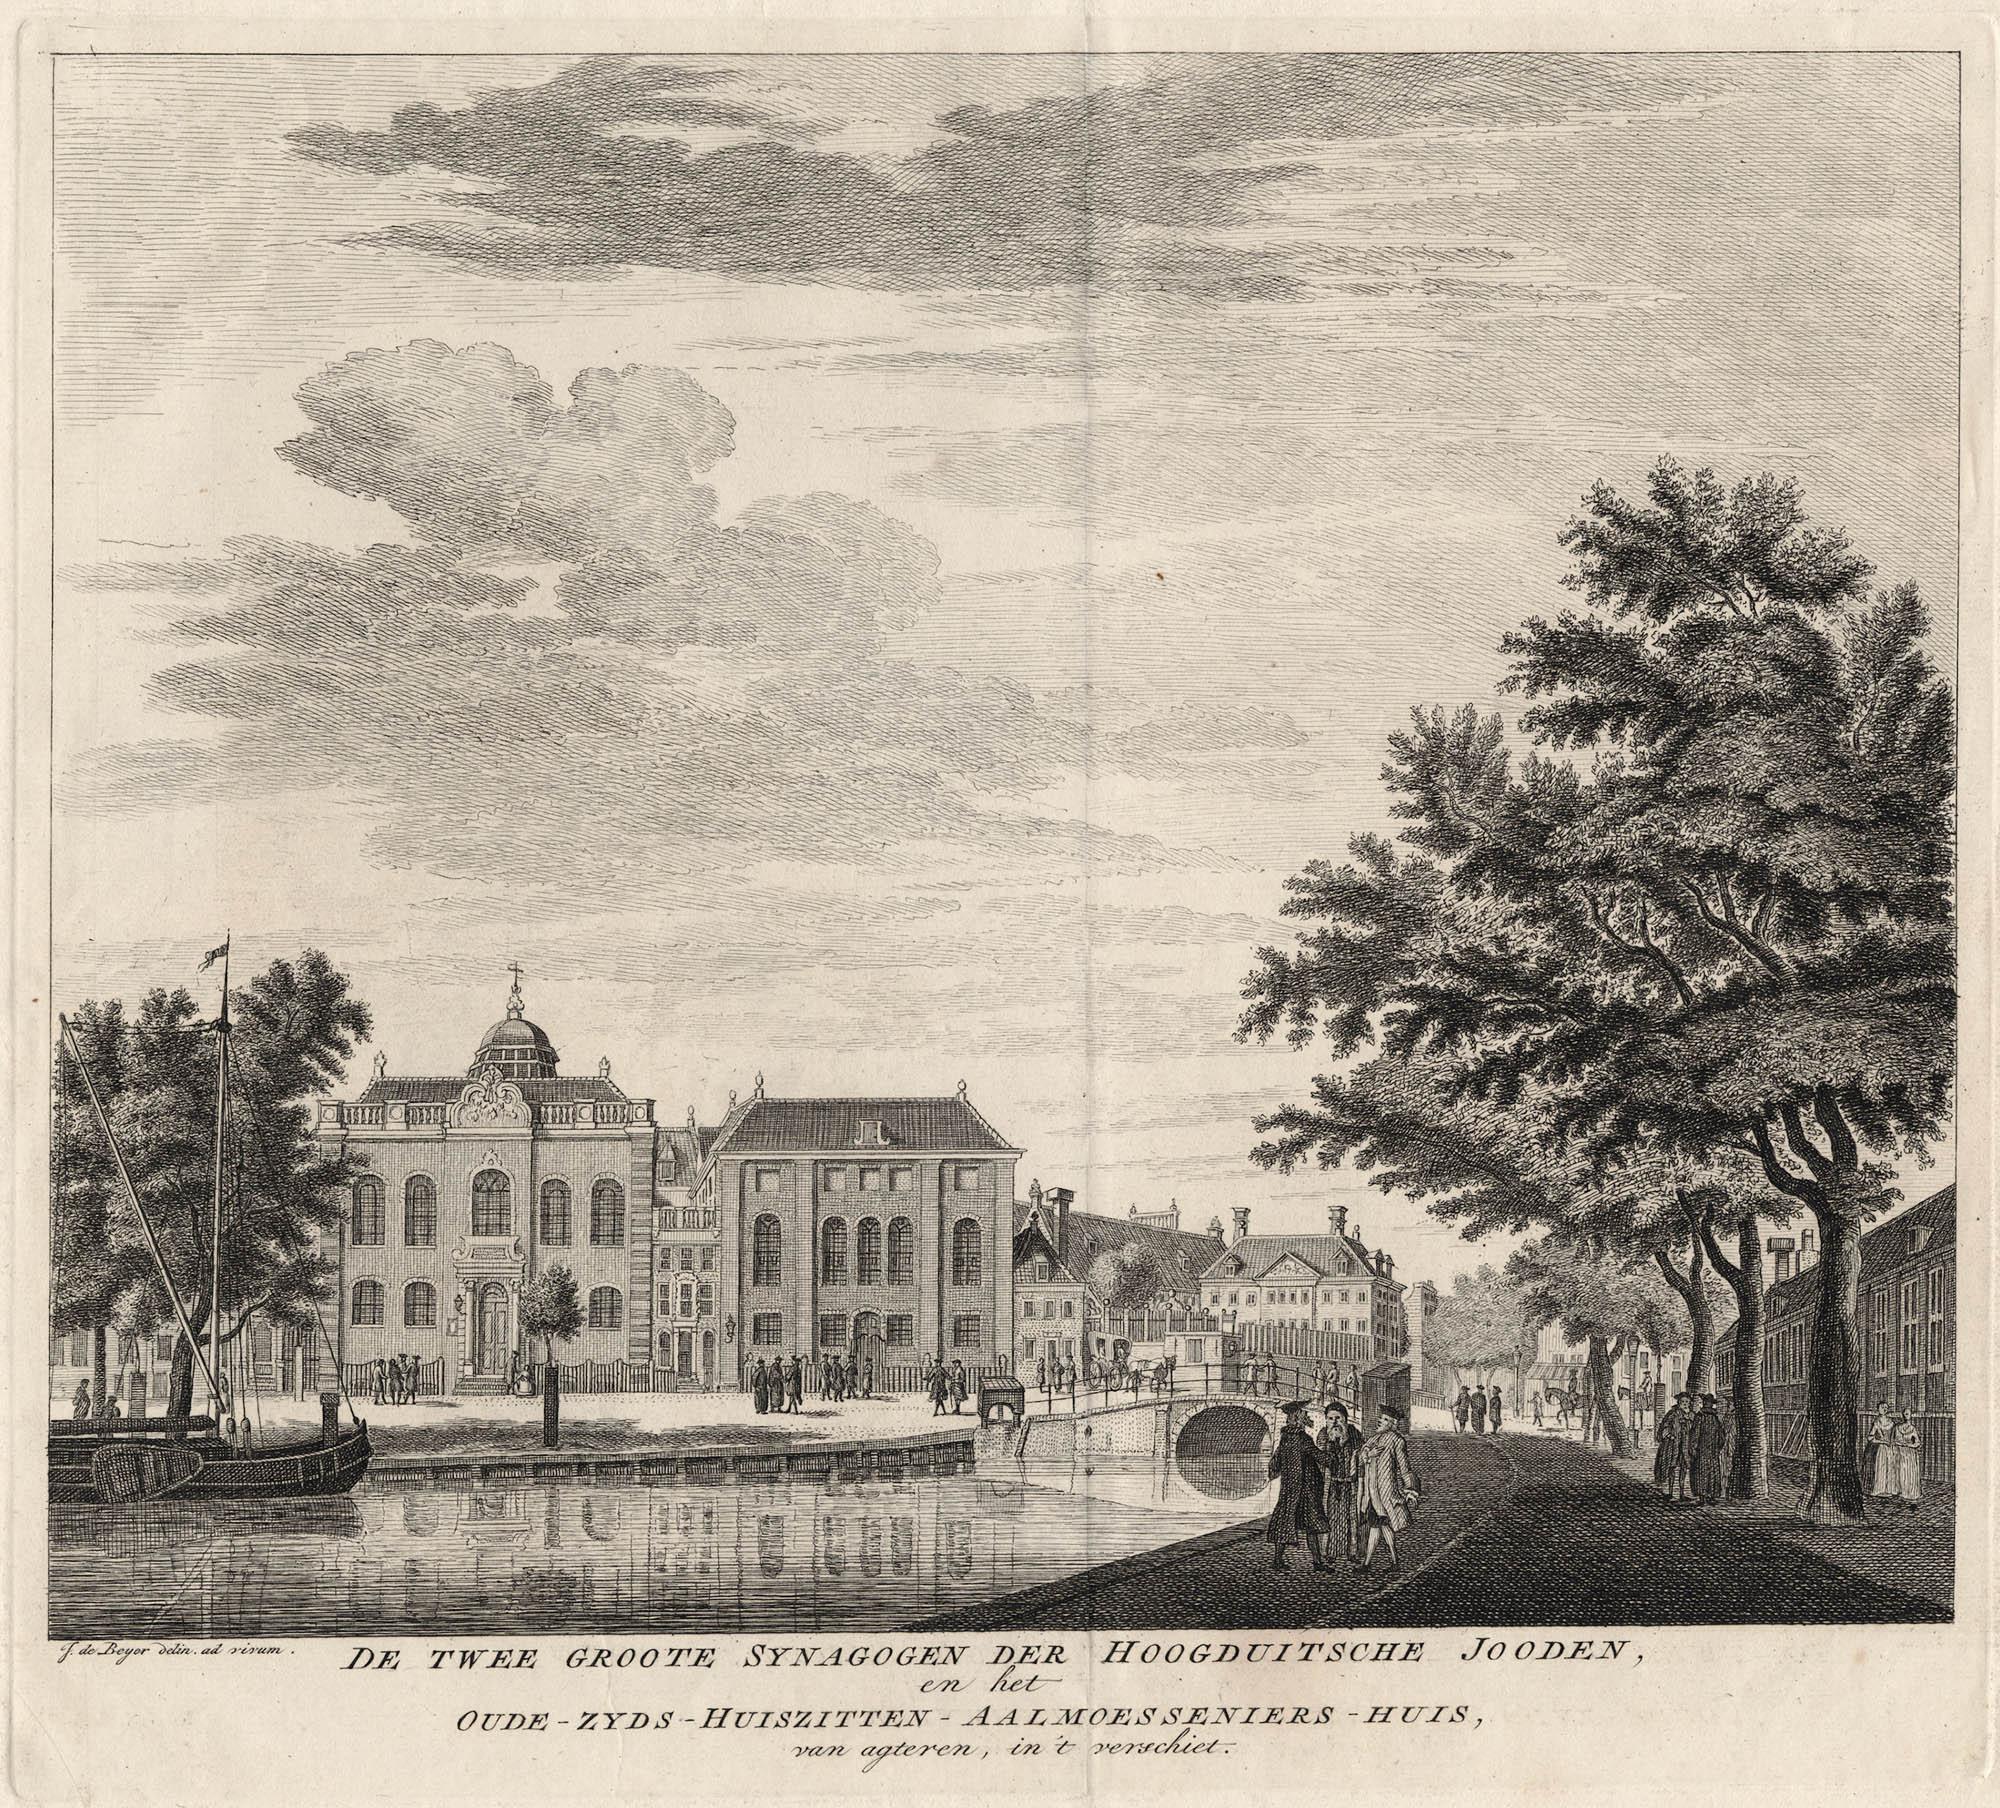 De twee groote synagogen der Hoogduitsche Jooden, en het Oude-Zijds-huiszitten-aalmoesseniers-huis, van agteren, in 't verschiet